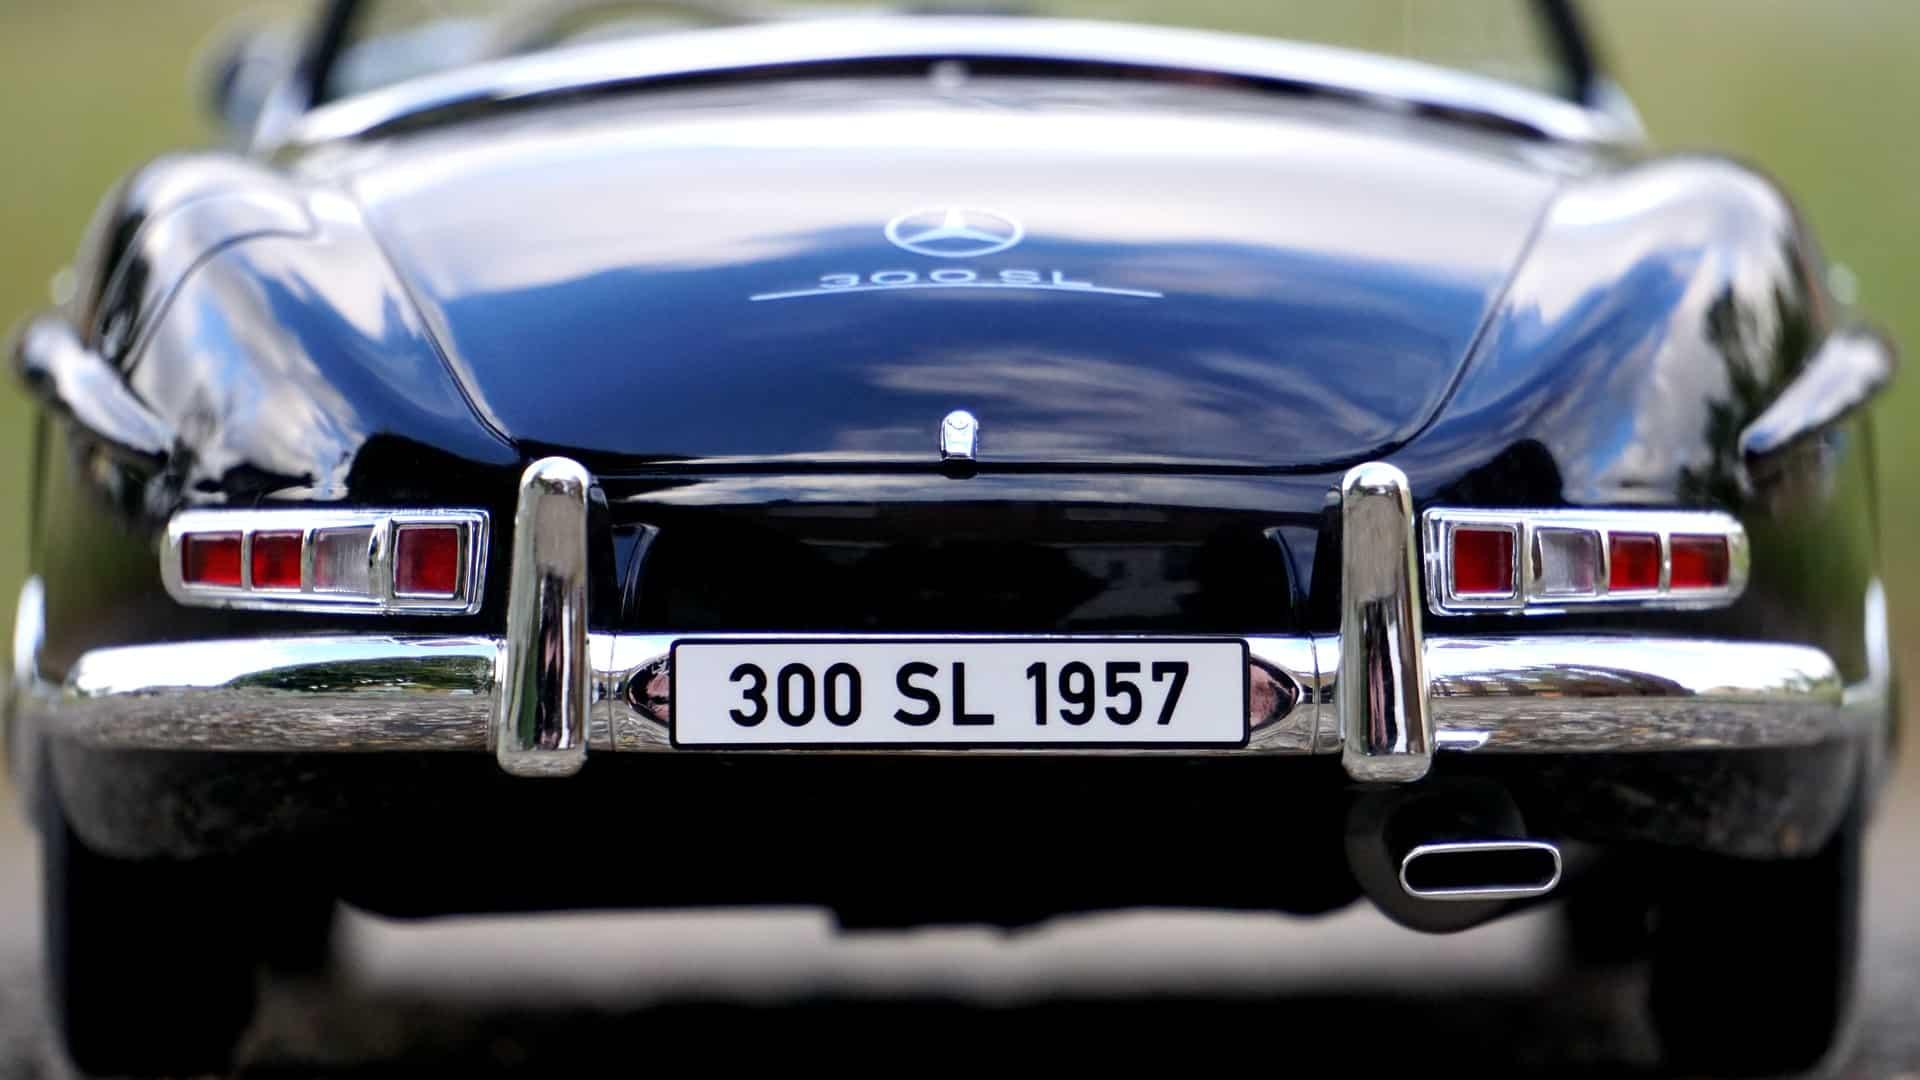 Peut-on retrouver le propriétaire d'une voiture avec une plaque d'immatriculation ?